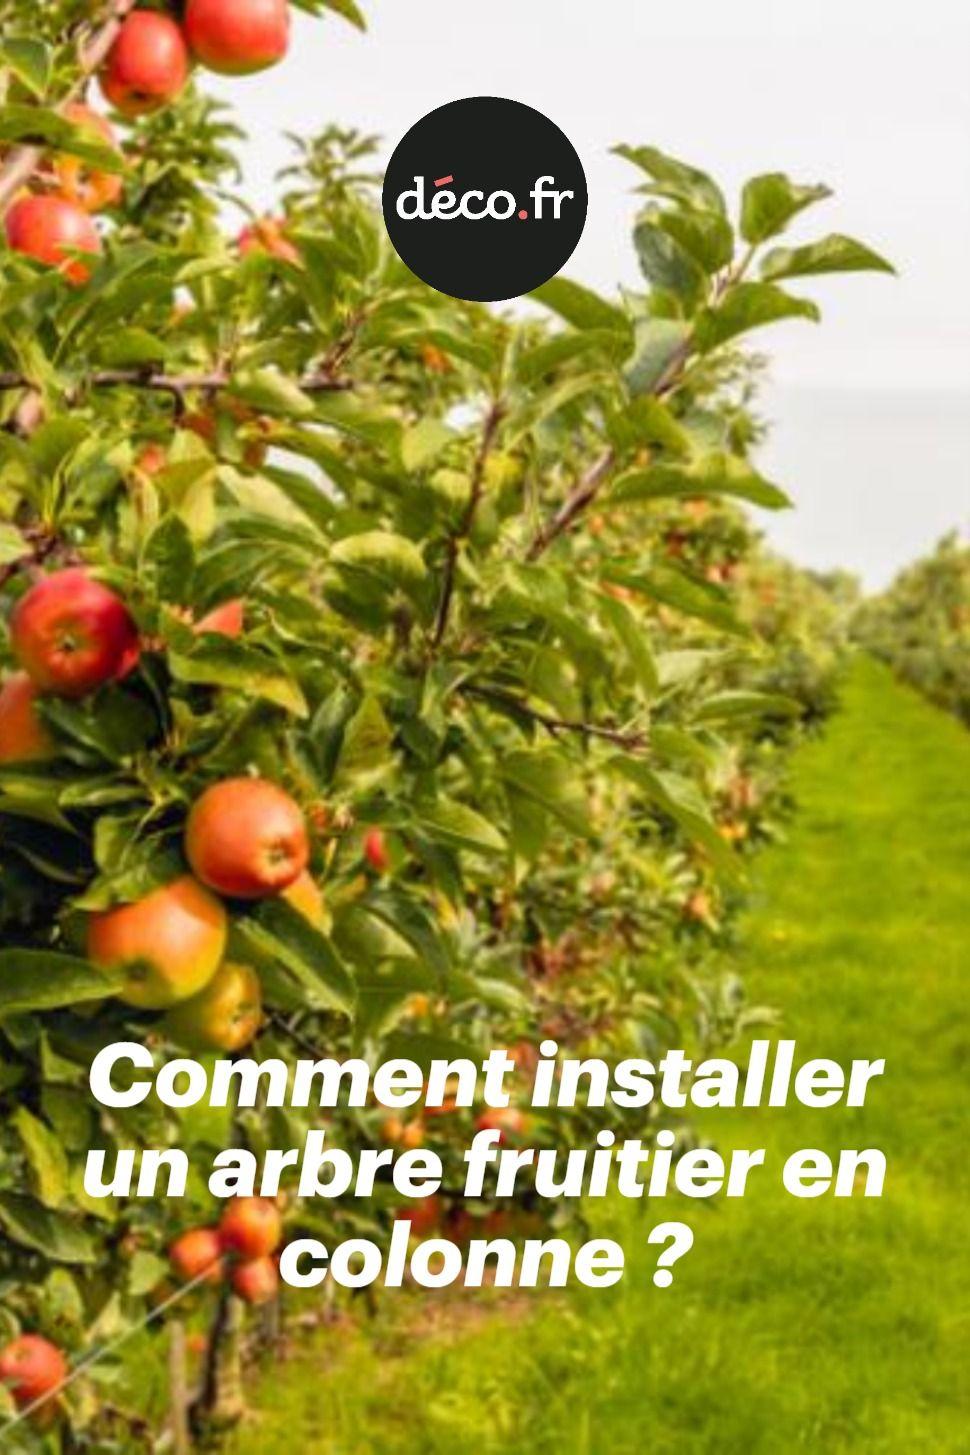 Comment Planter Un Arbre Fruitier comment installer un arbre fruitier en colonne | fruitier